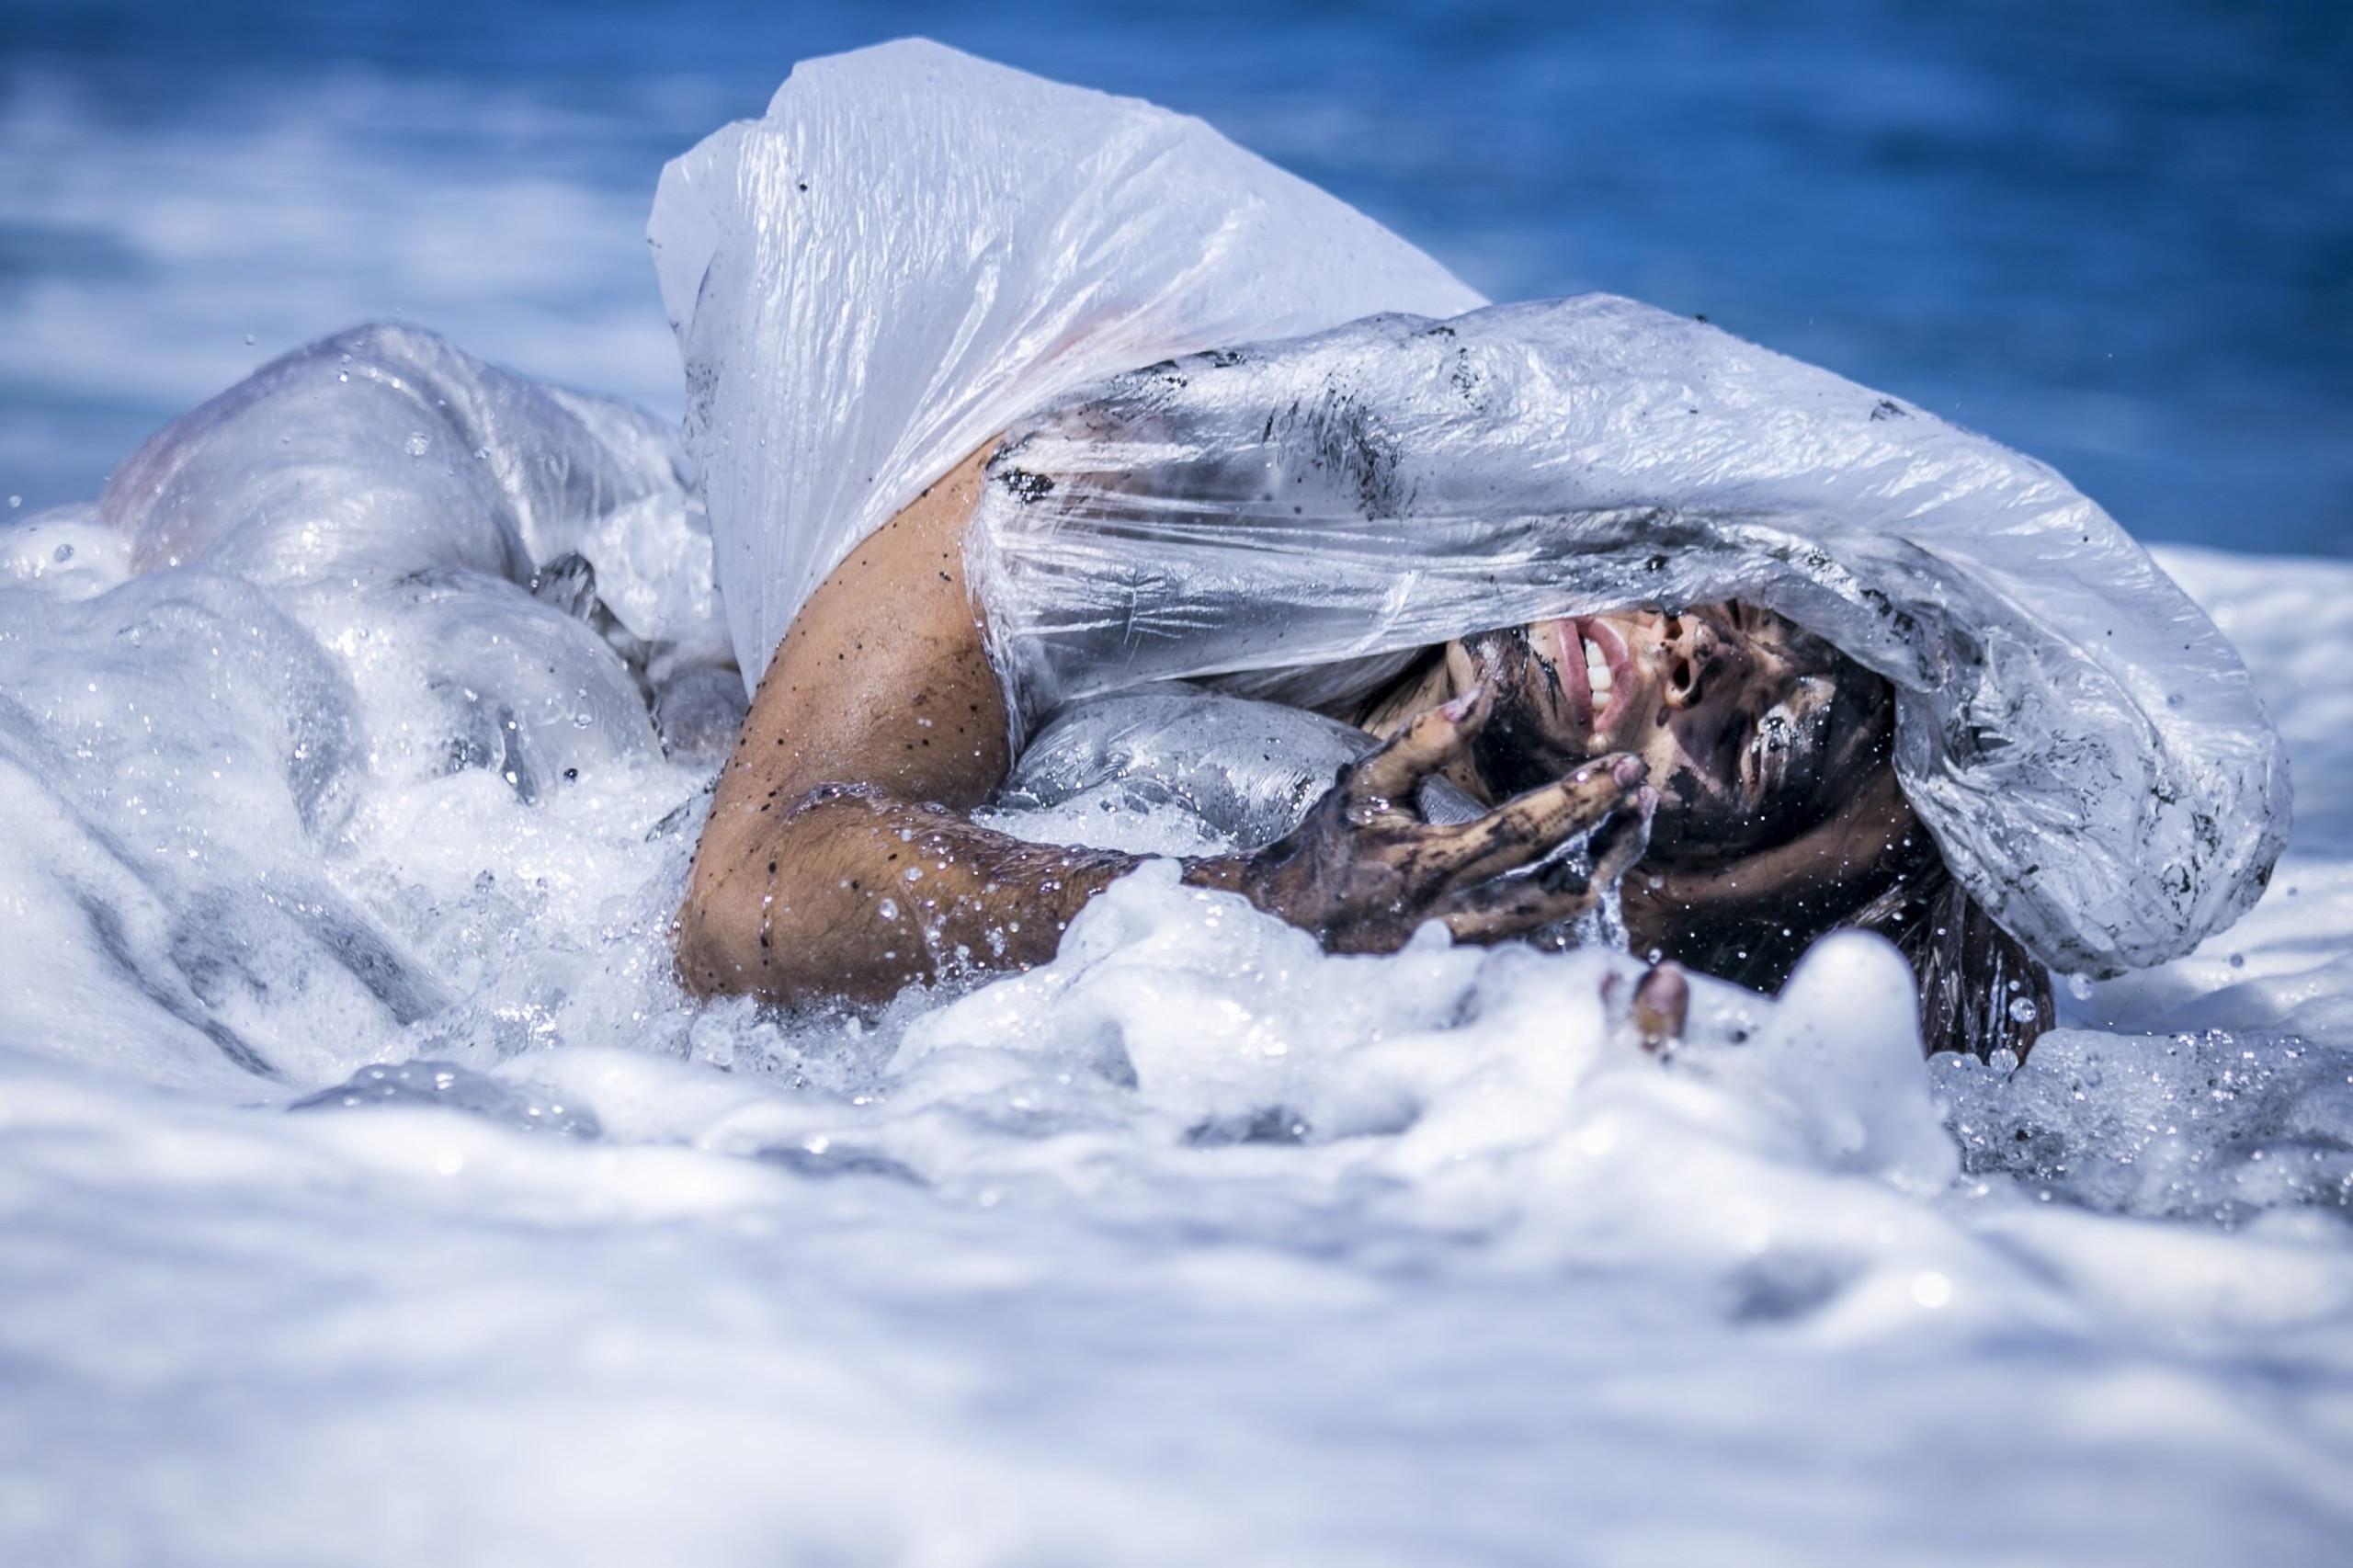 Una modelo está enredada en plástico y alquitrán mientras es vapuleada por las olas del mar. Fotografía de